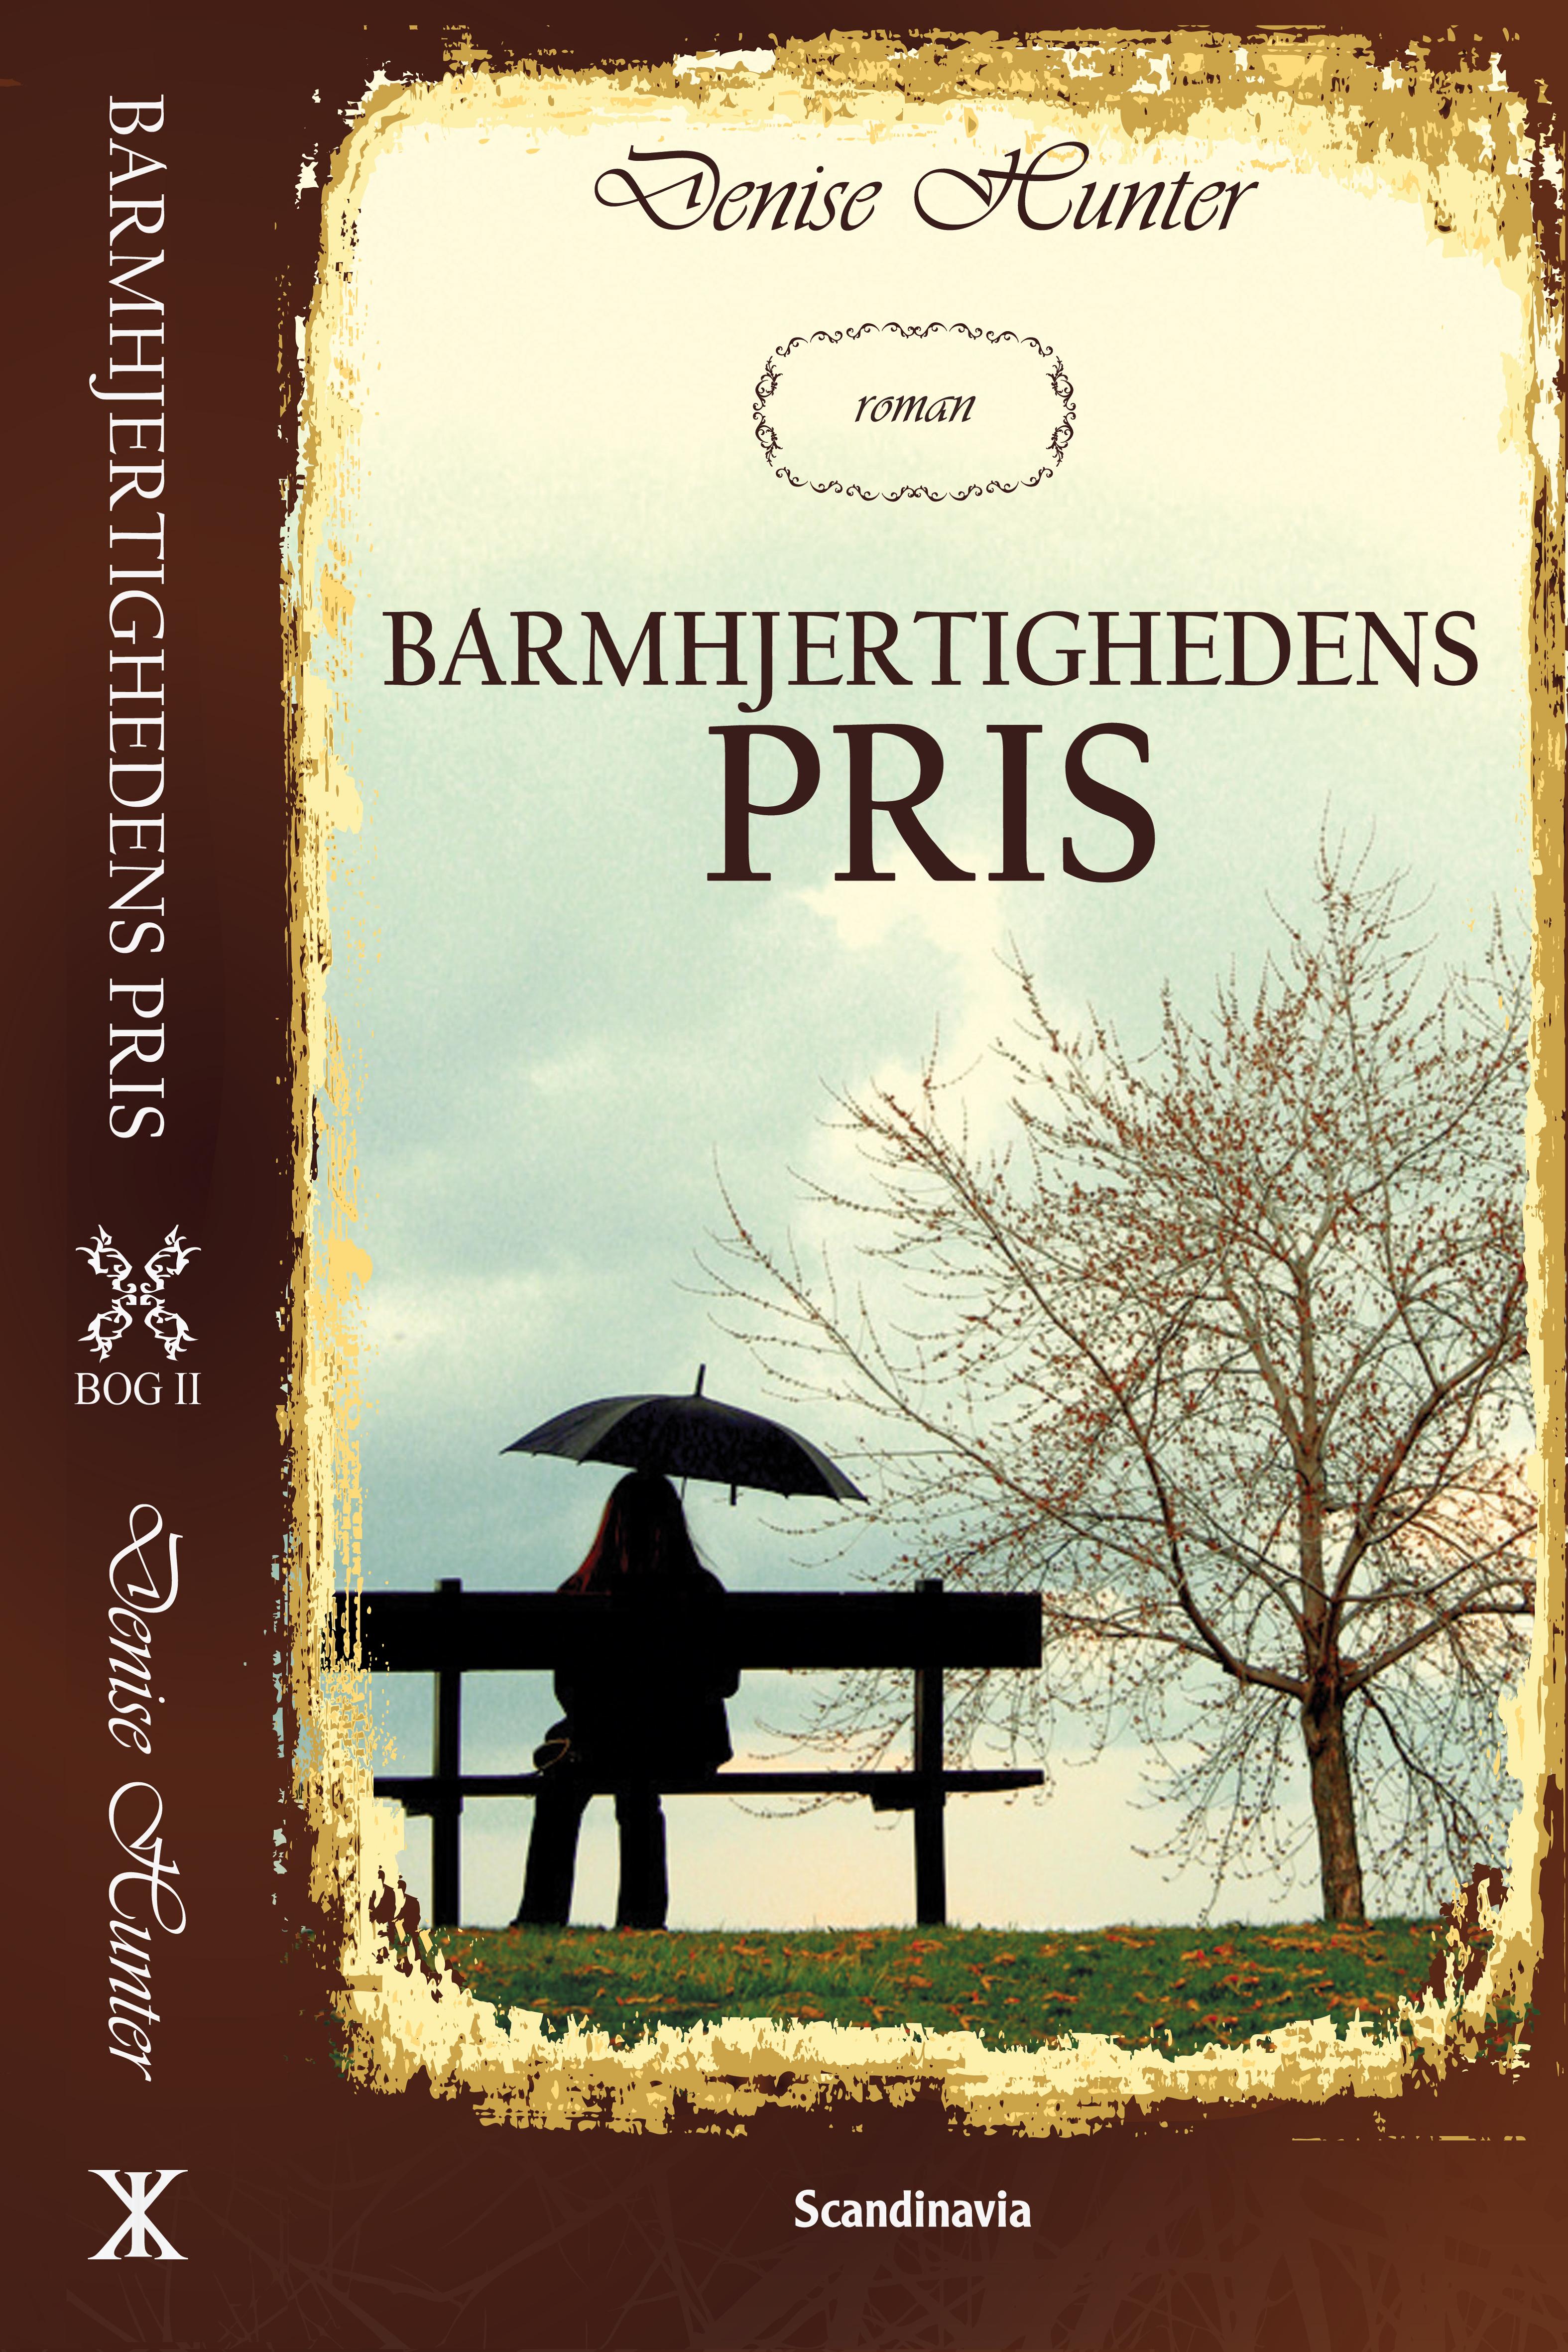 Barmhjertighedens pris - e-bog fra N/A fra bog & mystik